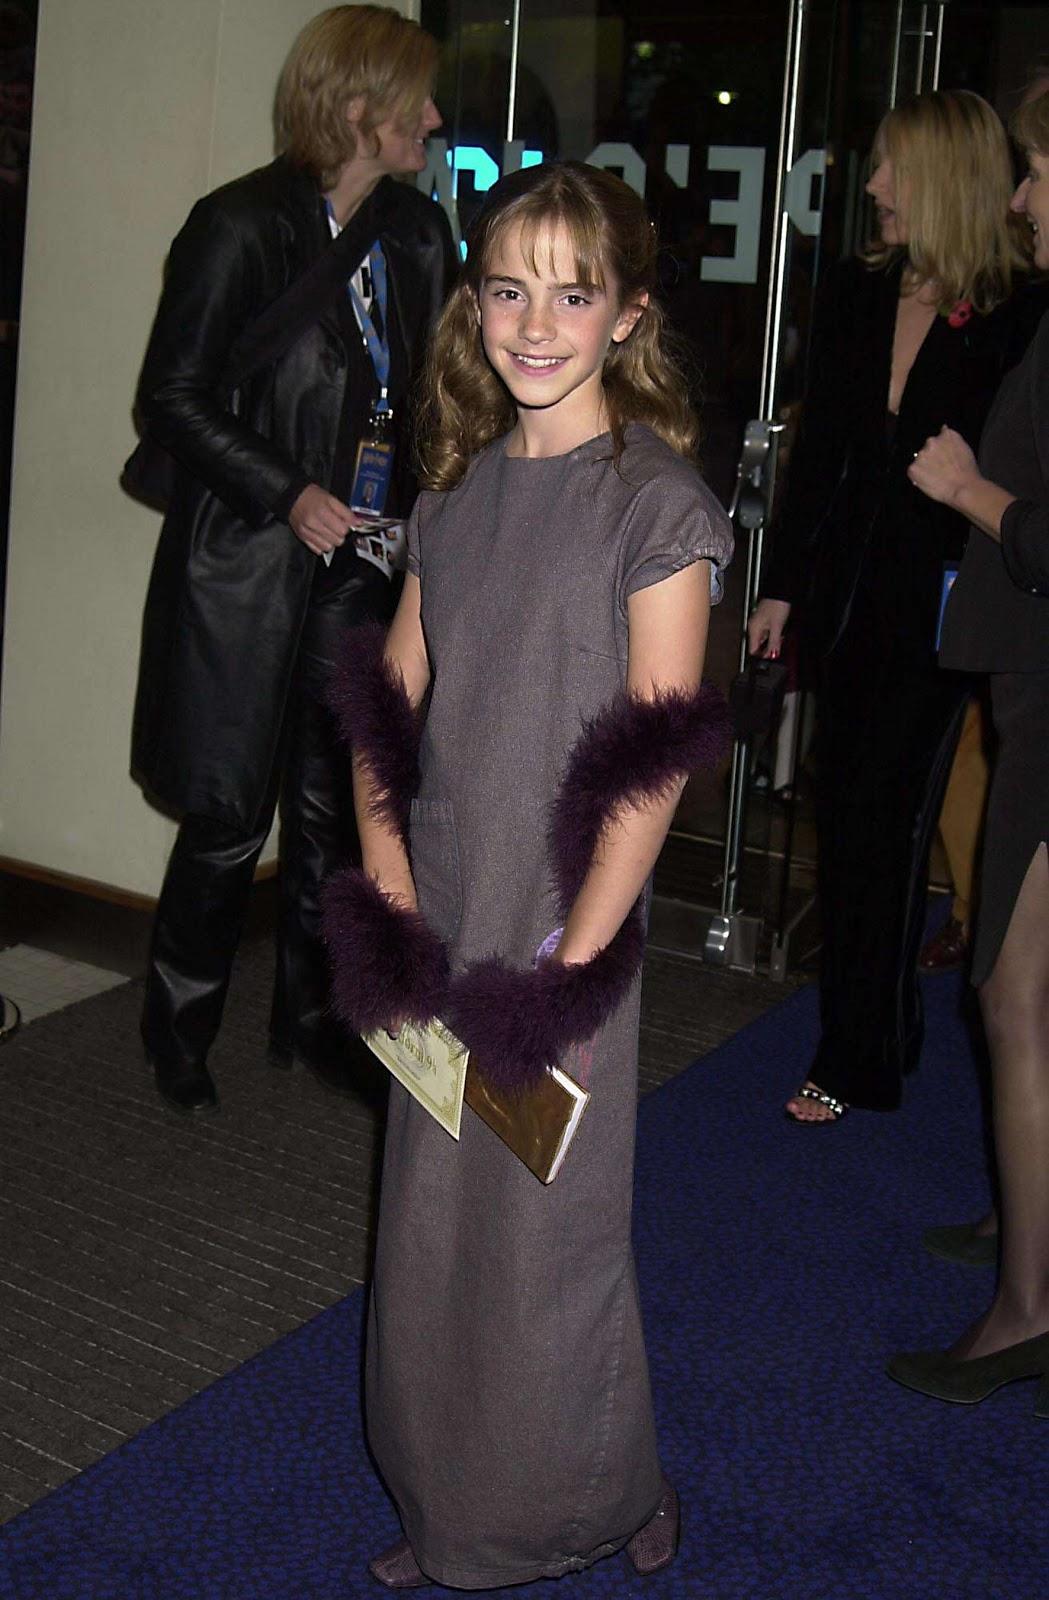 http://3.bp.blogspot.com/_IMYAEiVXwhs/TN2QC2tFgsI/AAAAAAAAAOo/KWXiGTIbVSE/s1600/blog+55%252C+Emma+Watson+3.jpg